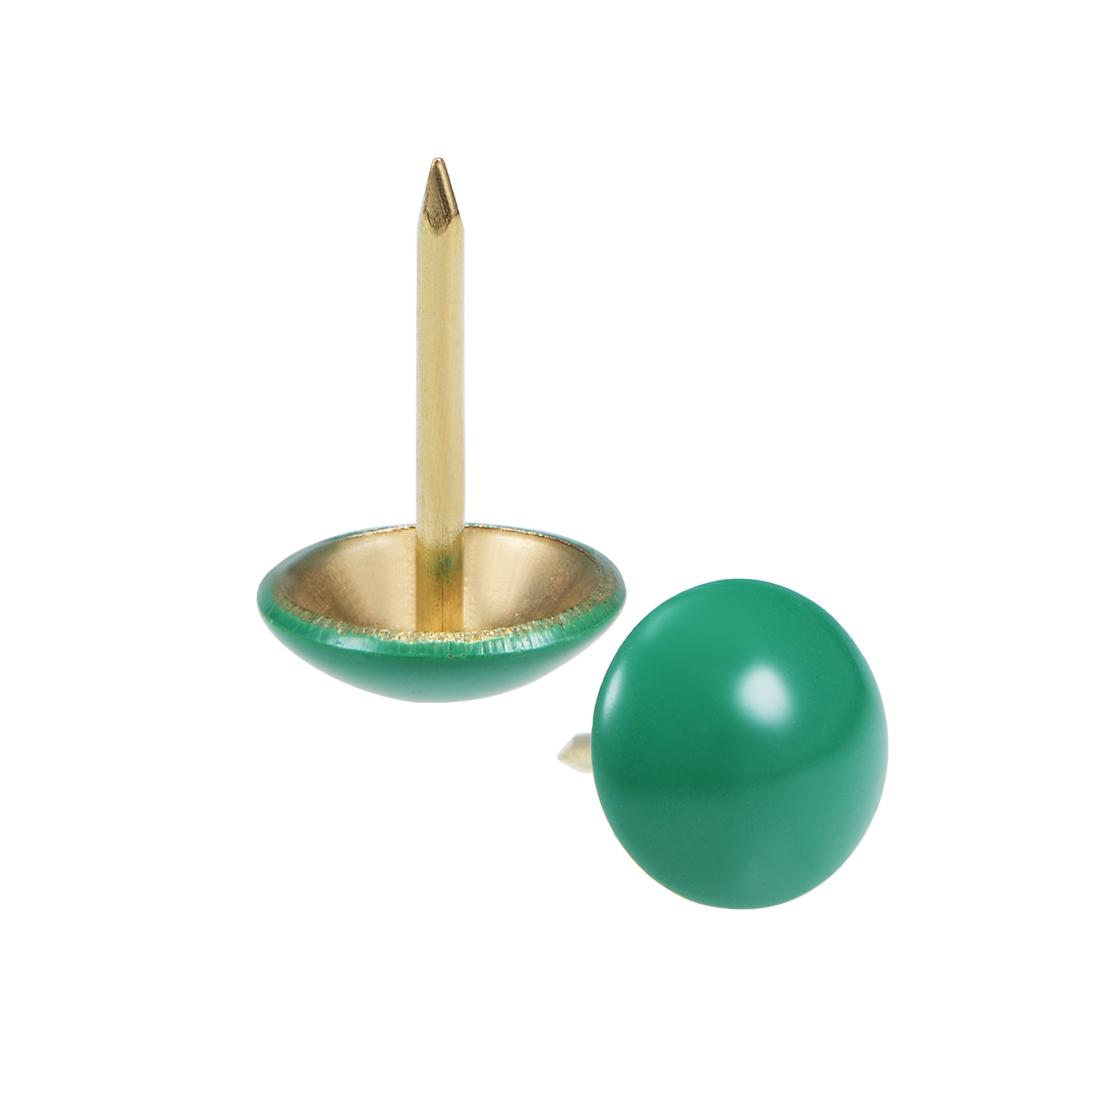 Upholstery Nails Tacks 11mm Green Round Head 17mm Length Thumb Push Pins 25 Pcs